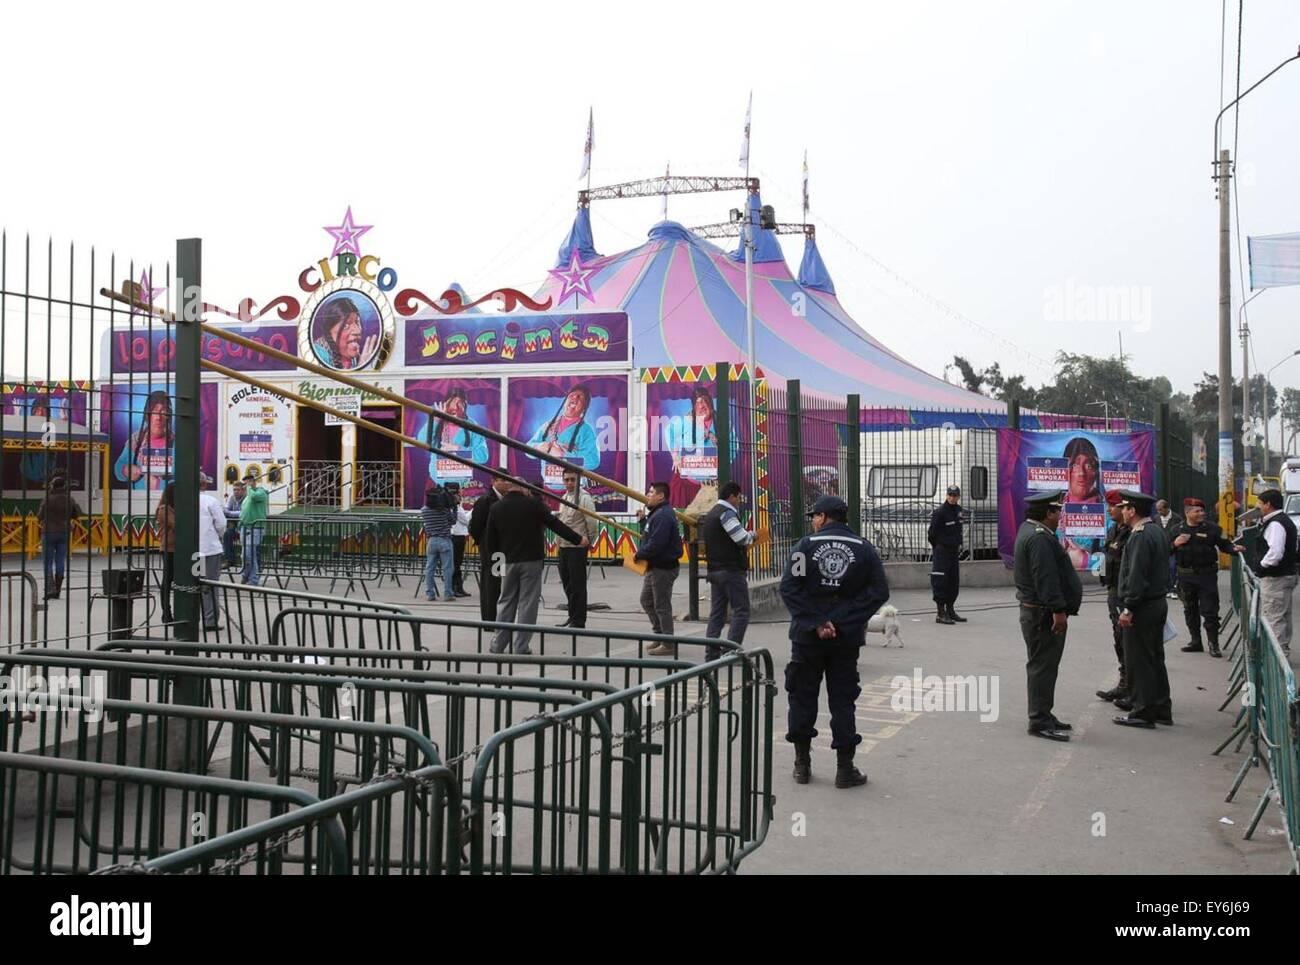 Lima, Peru. 22. Juli 2015. Polizisten arbeiten im Zirkus, wo ereignete sich eine Explosion im Stadtteil San Juan Stockbild